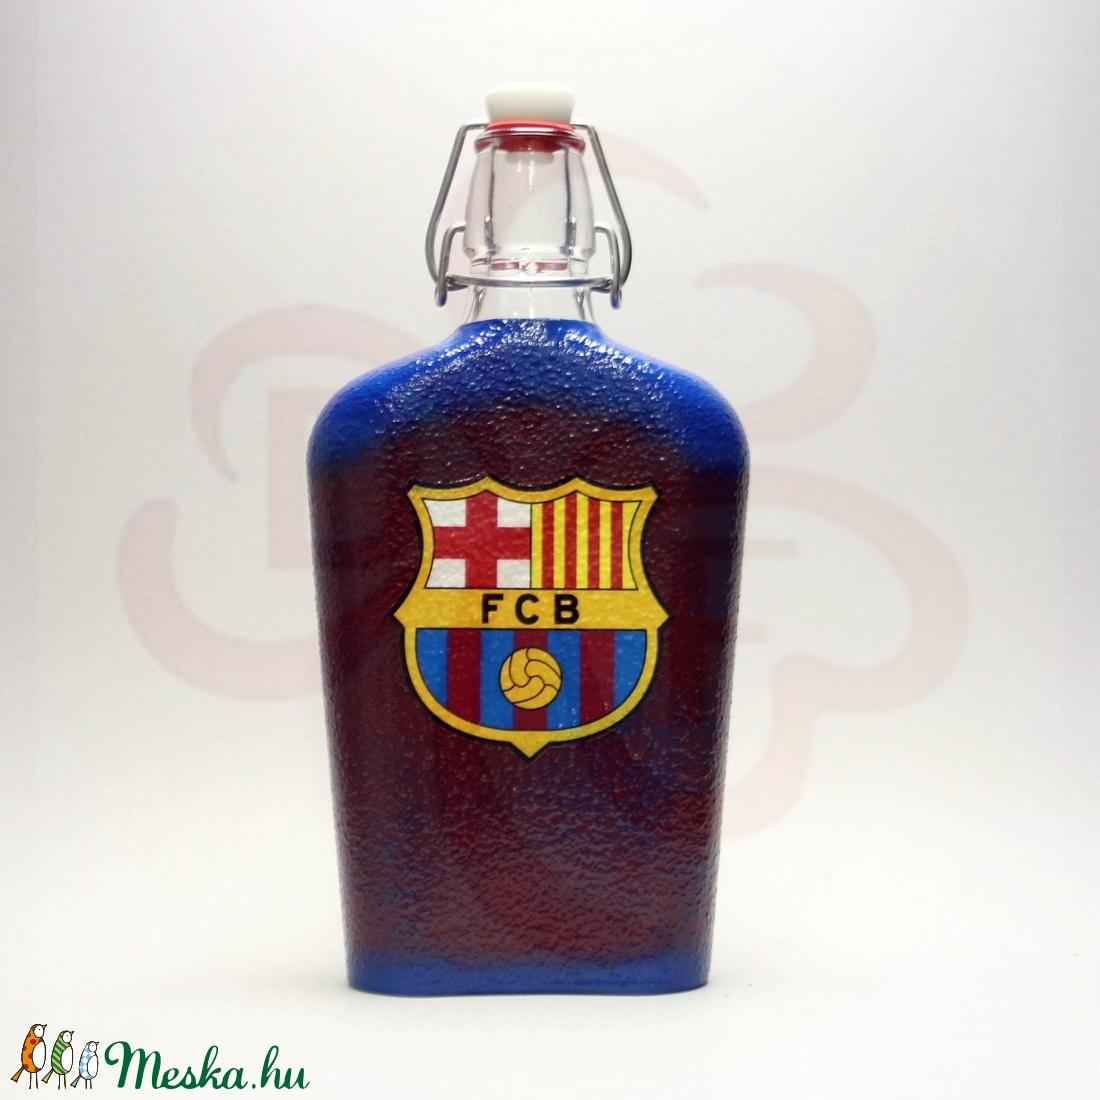 FC Barcelona csatosüveg ; Barcelona futball szurkolóknak - Meska.hu